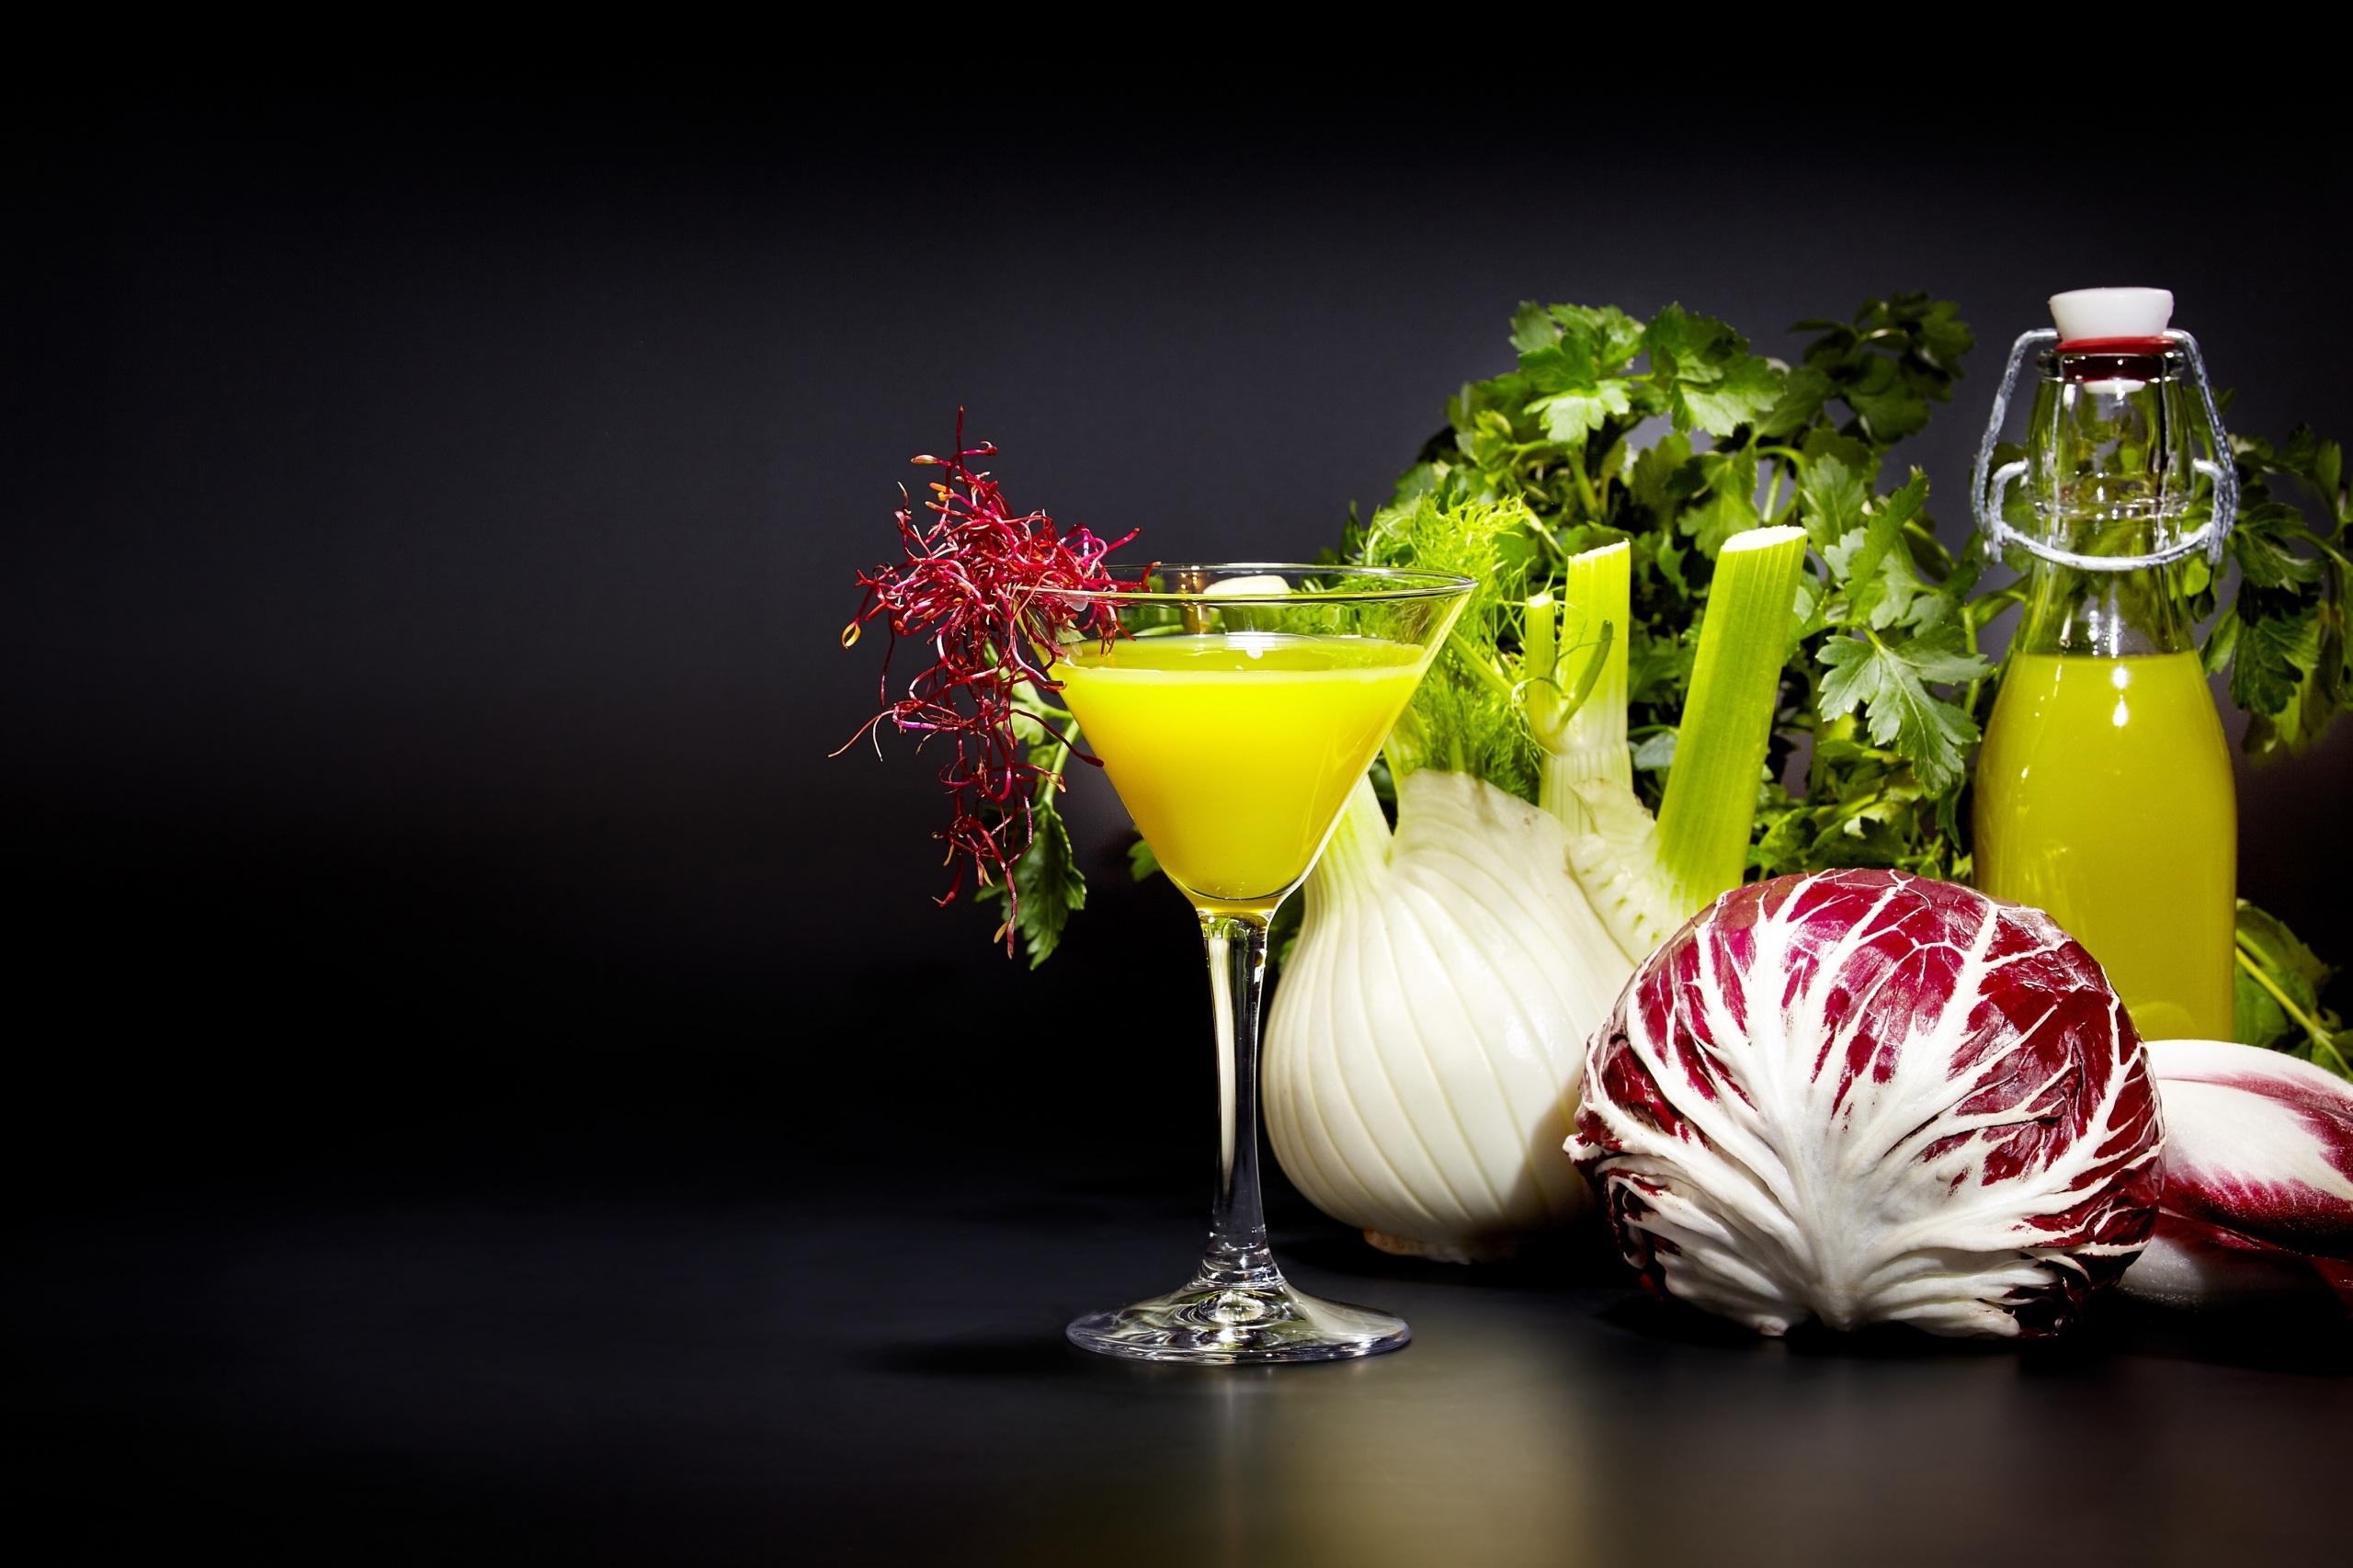 Foto Saft Gemüse Flasche Weinglas Lebensmittel 2560x1706 Fruchtsaft